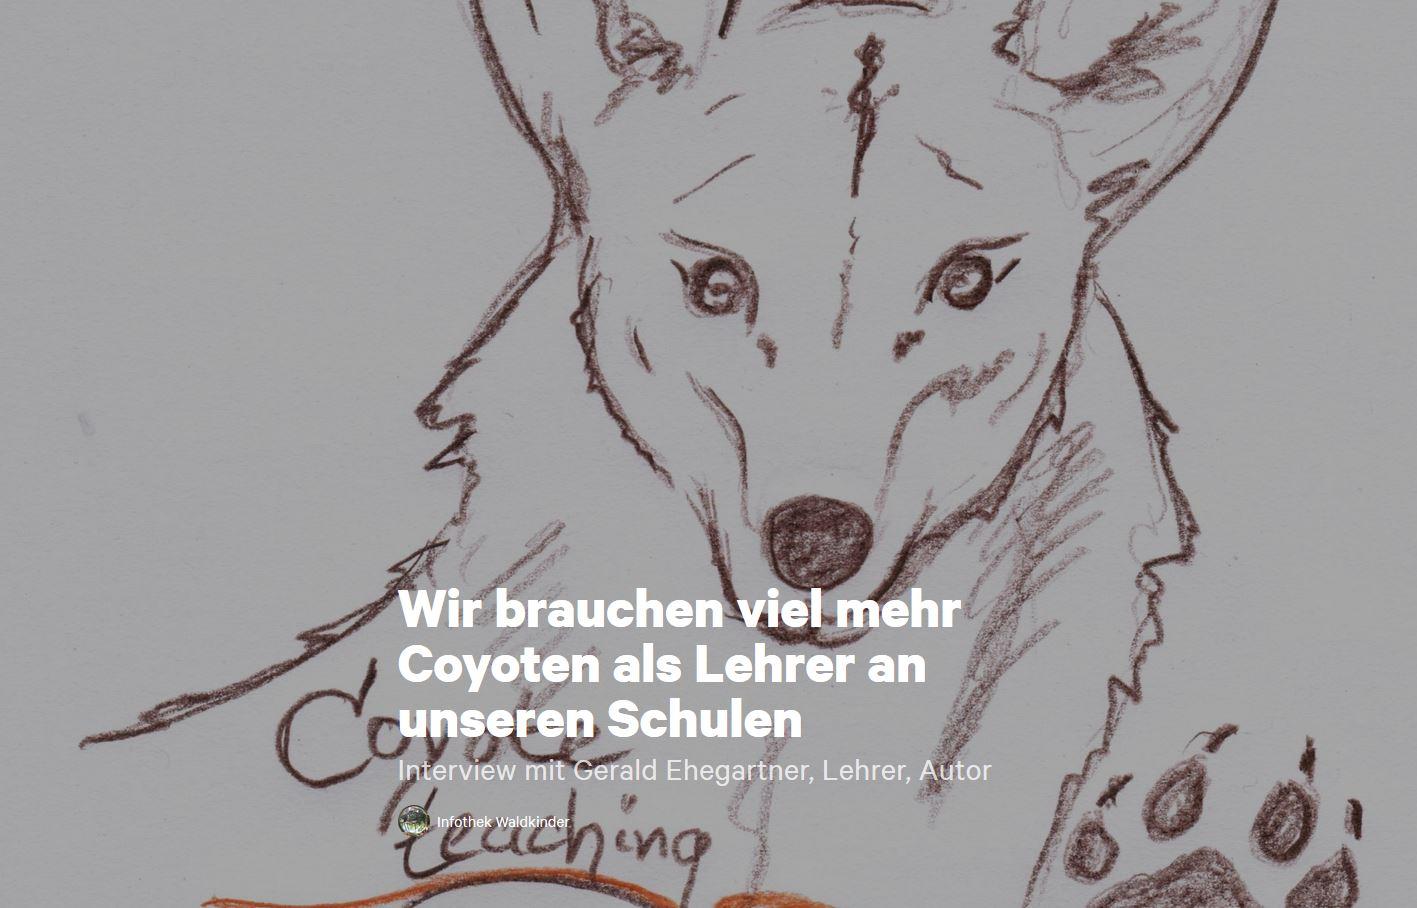 Waldkinder Beitrag zu Gerald Ehegartner's Bestseller Kopfsprung ins Herz - Mehr Coyoten als Lehrer